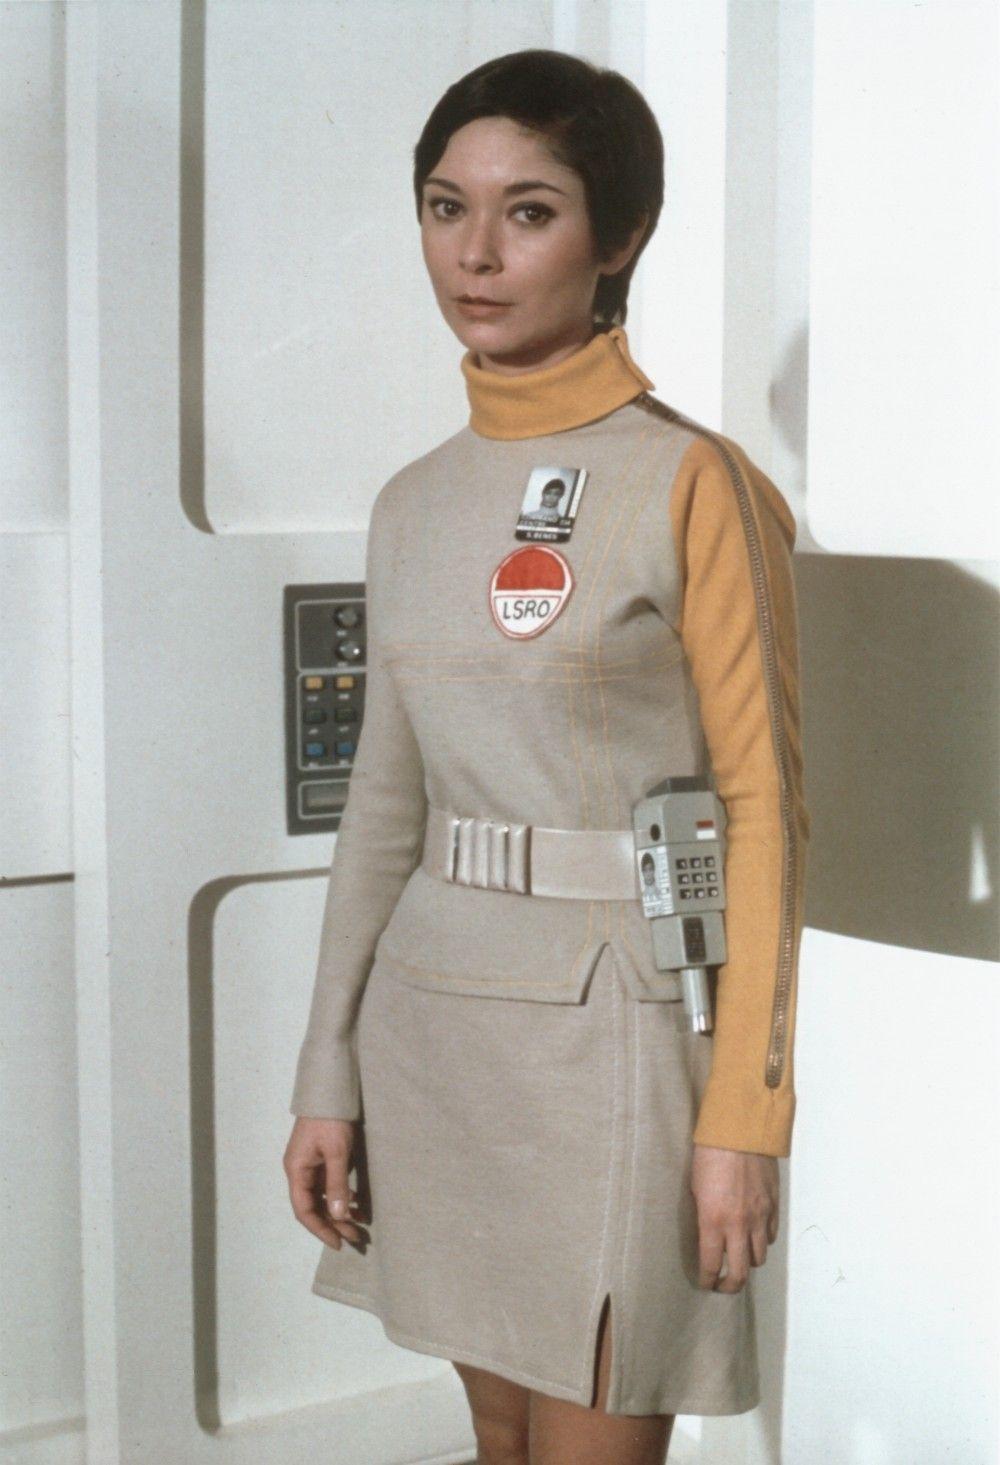 gabrielle drake lieutenant ellis ufo intergalactic women sandra benes service section space 1999